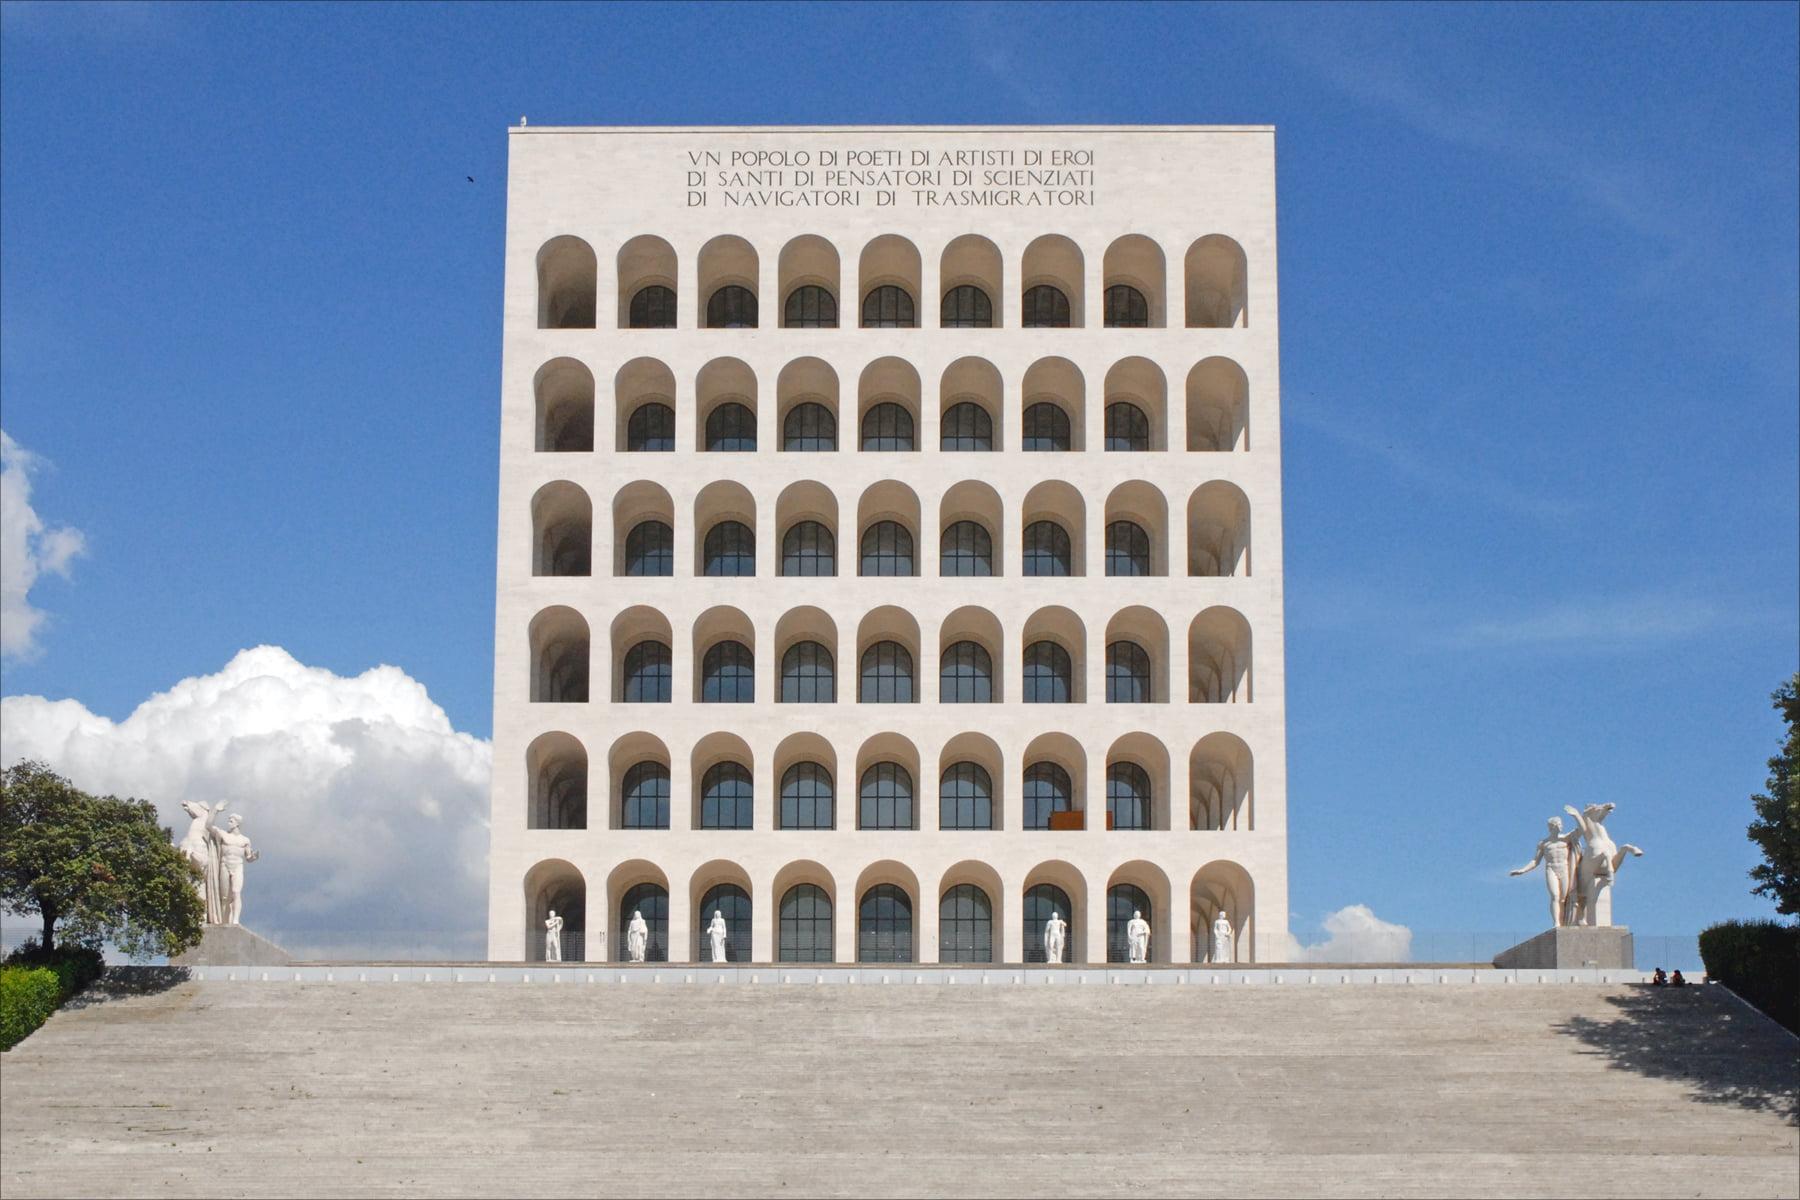 Крыша Colosseo Quadrato в Риме. Покрас Лампас